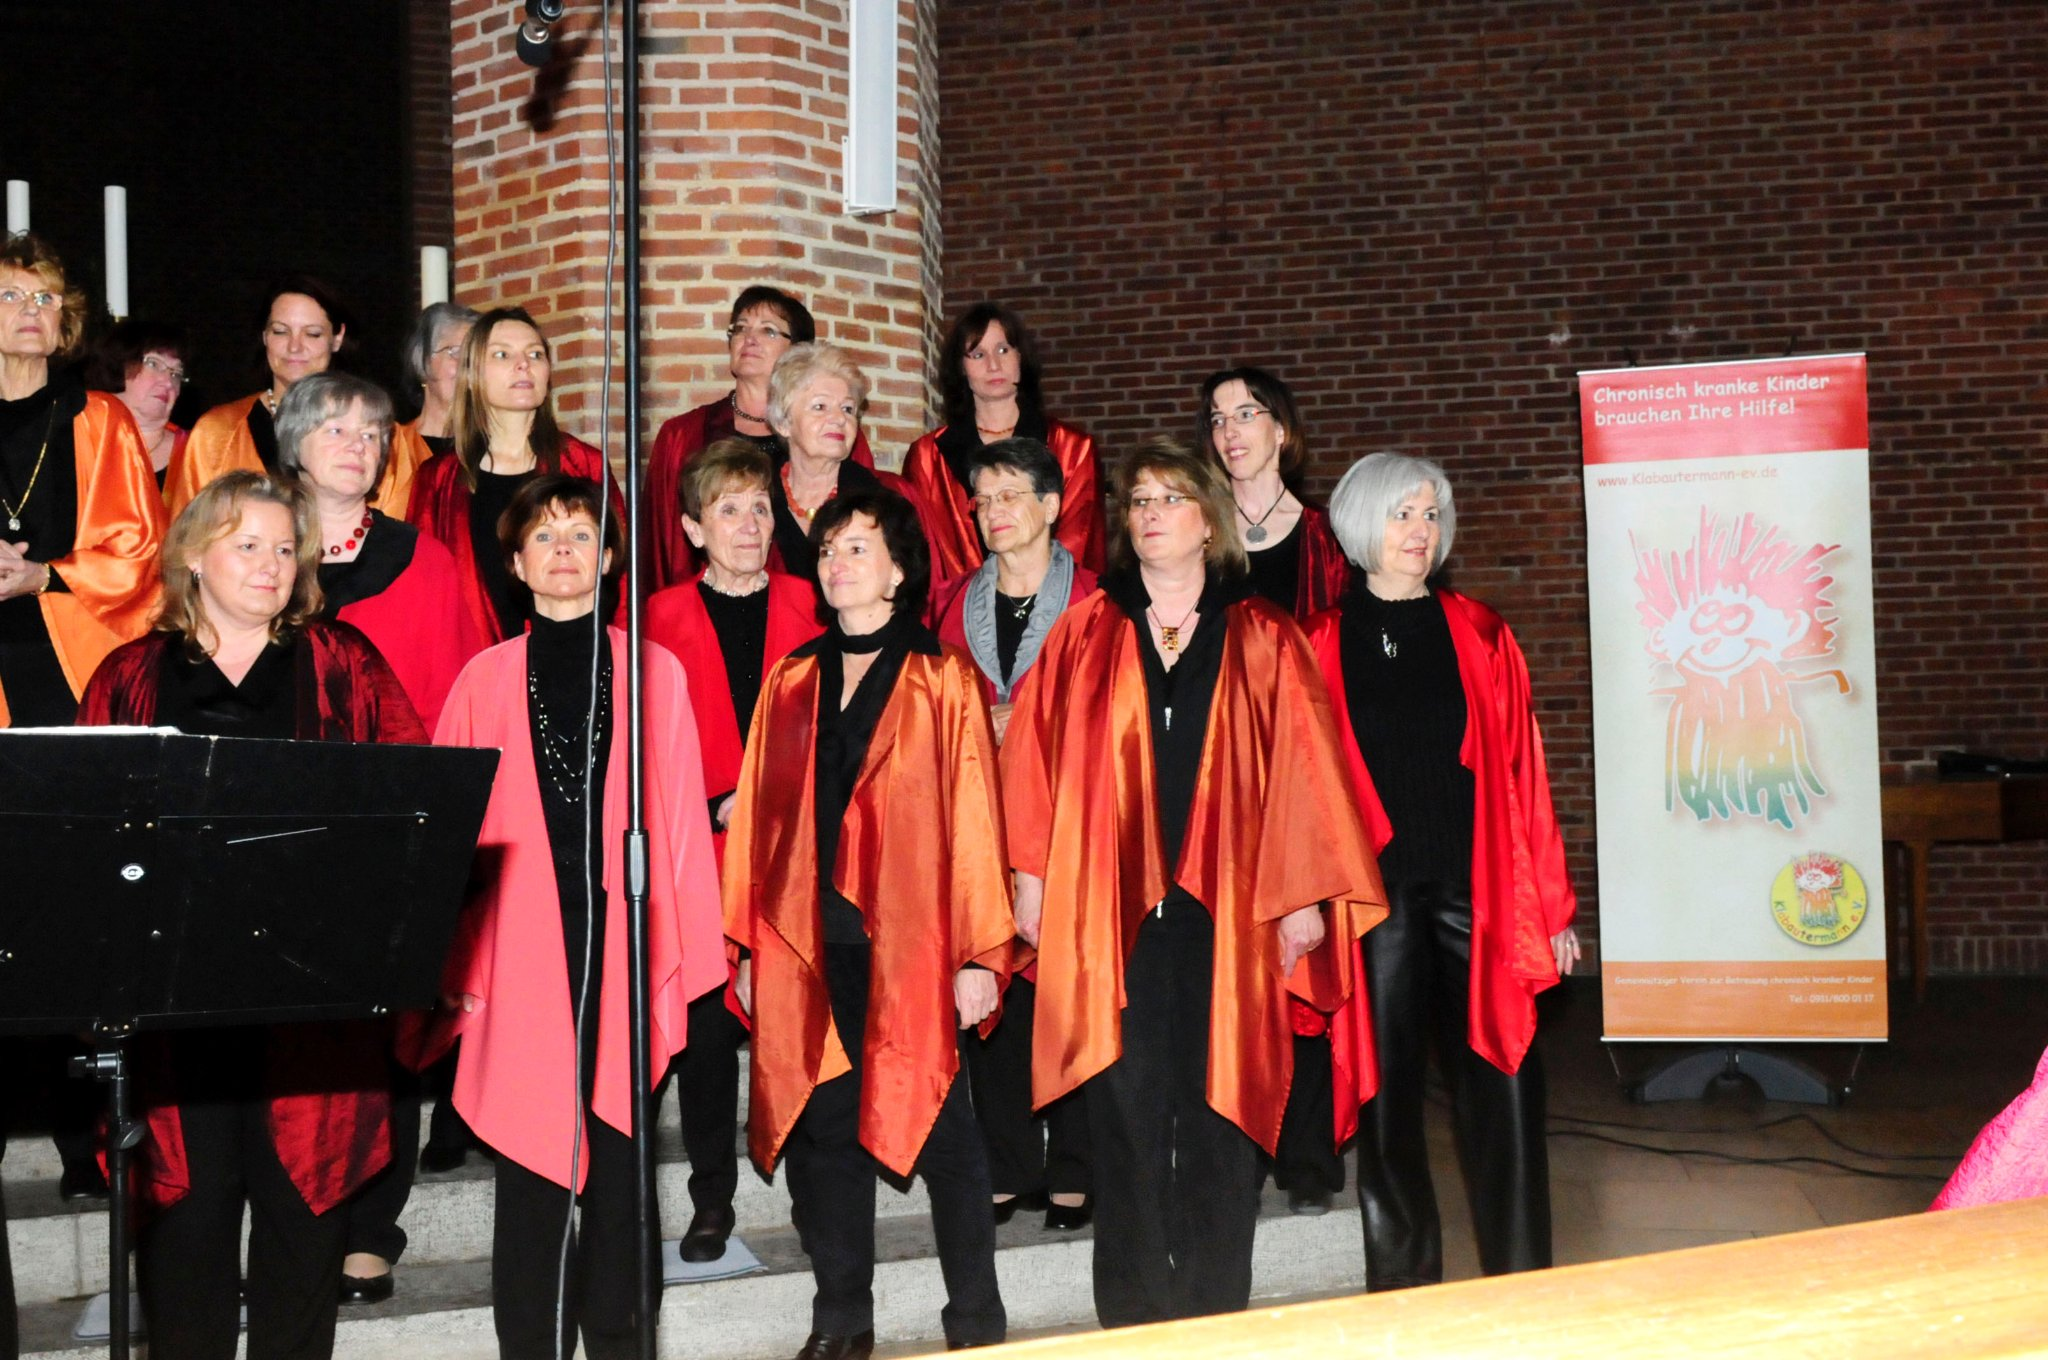 20120422 Reformations Gedaechtniskirche 044